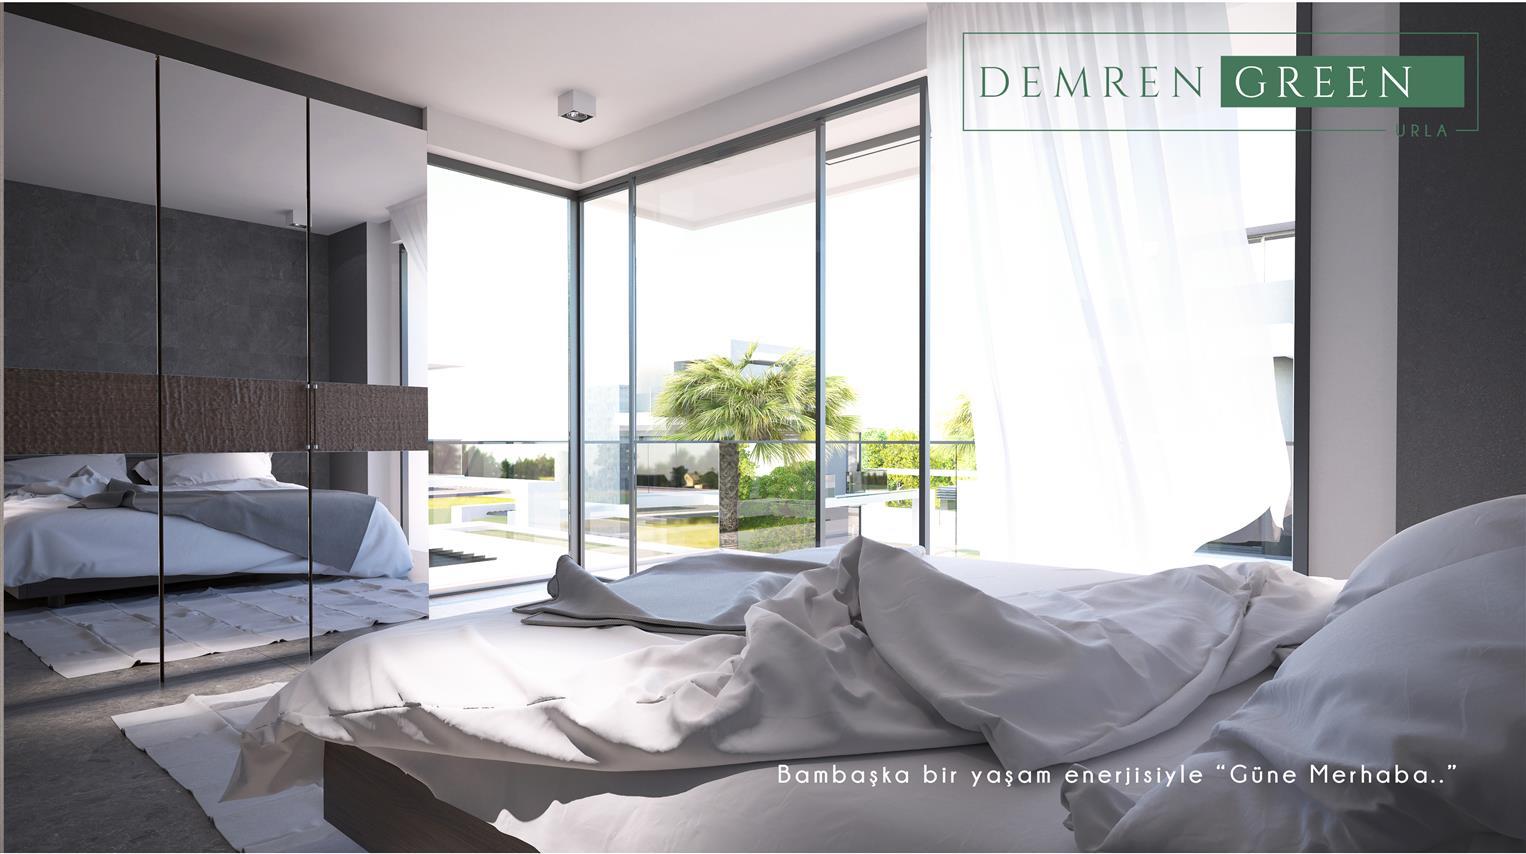 demren-green2016101791641815.jpg Demren İnşaat Proje